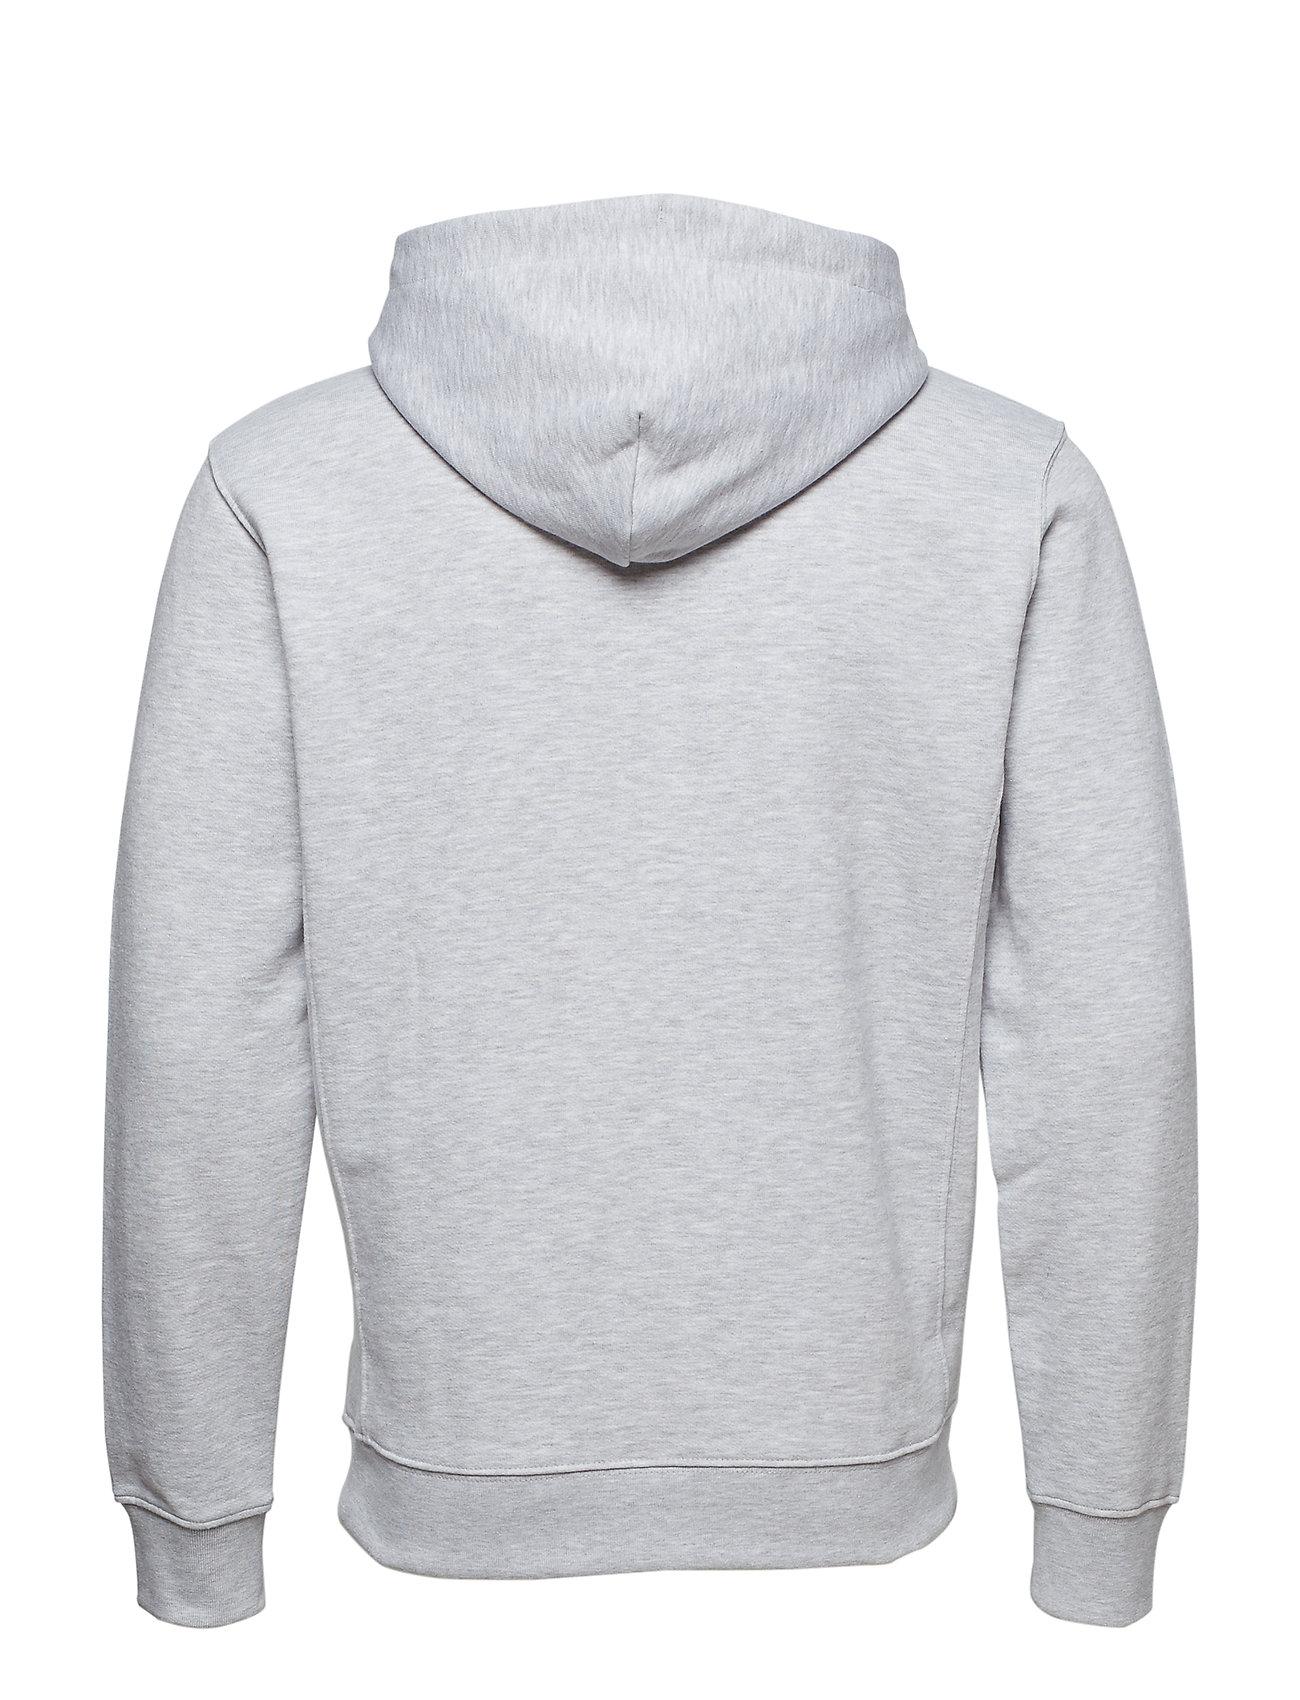 Jeans Basic MeleLee Grey Hoodiesharp Hoodiesharp Basic O8kNXwP0n